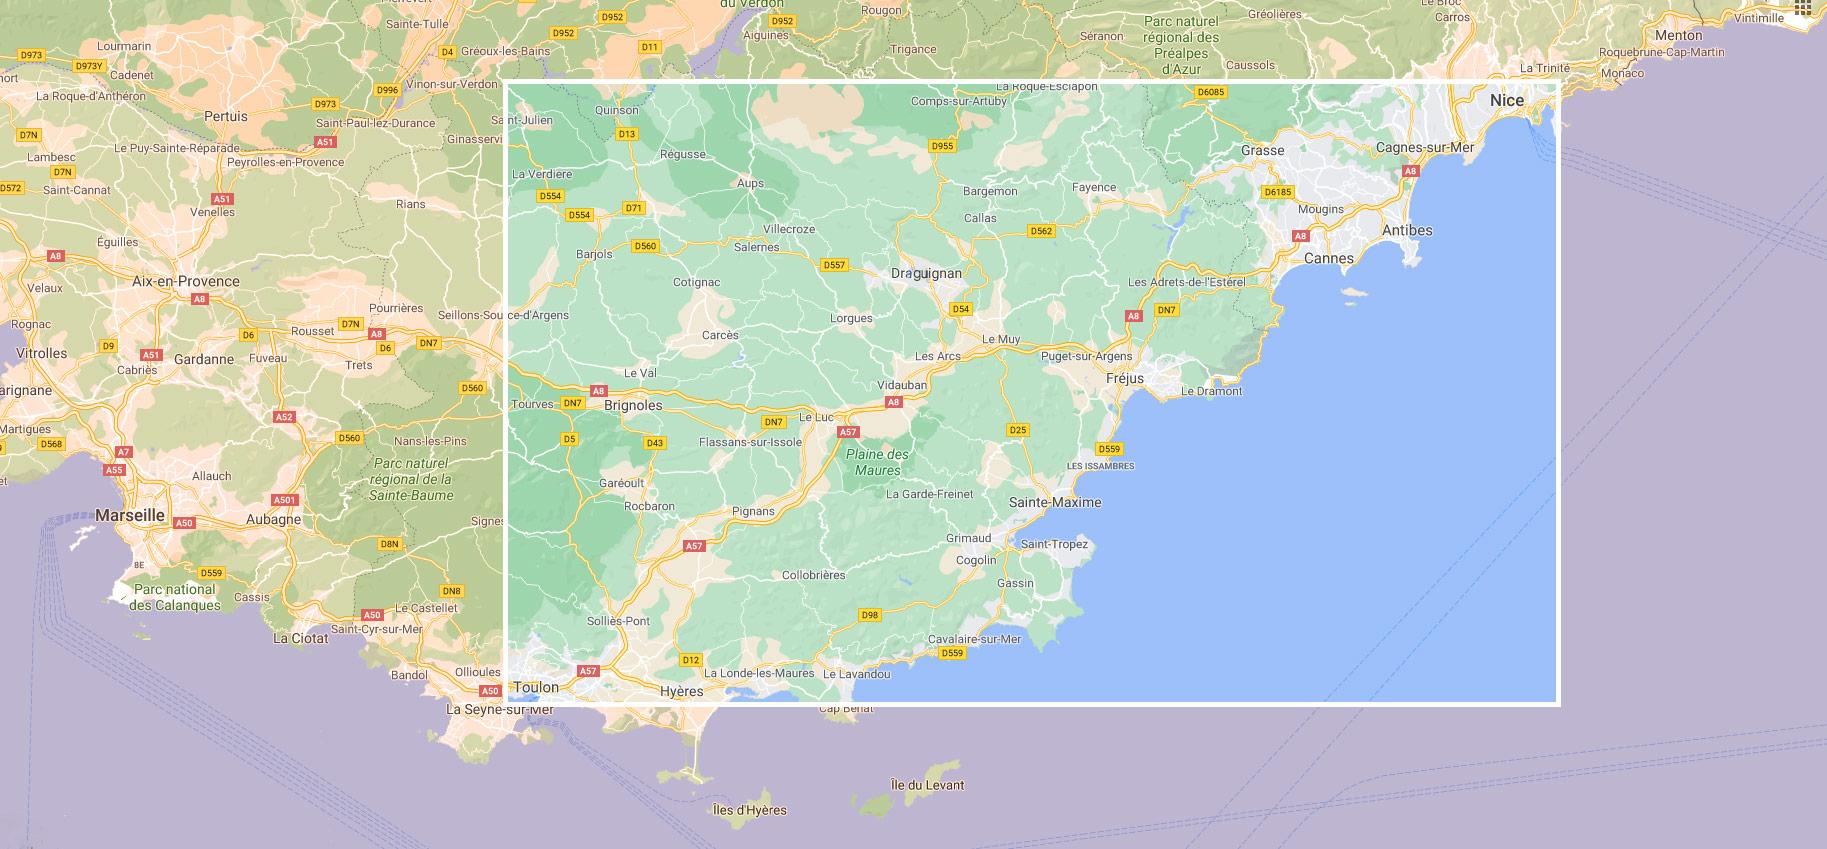 Zone d'activité - Sud de la france